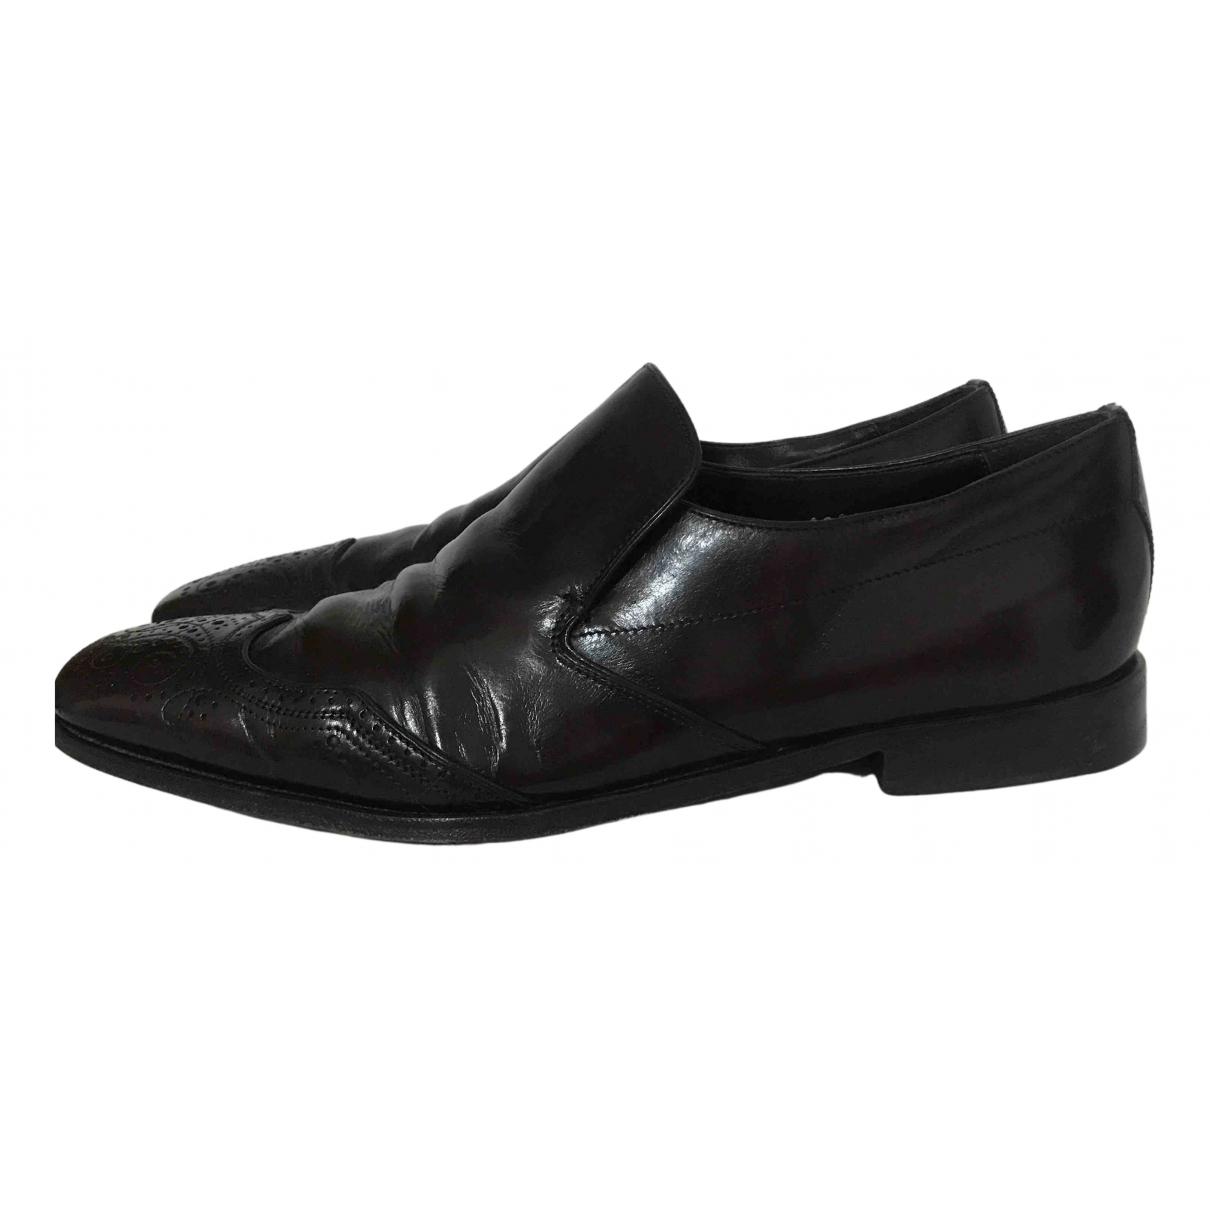 Prada N Brown Leather Flats for Men 7 UK